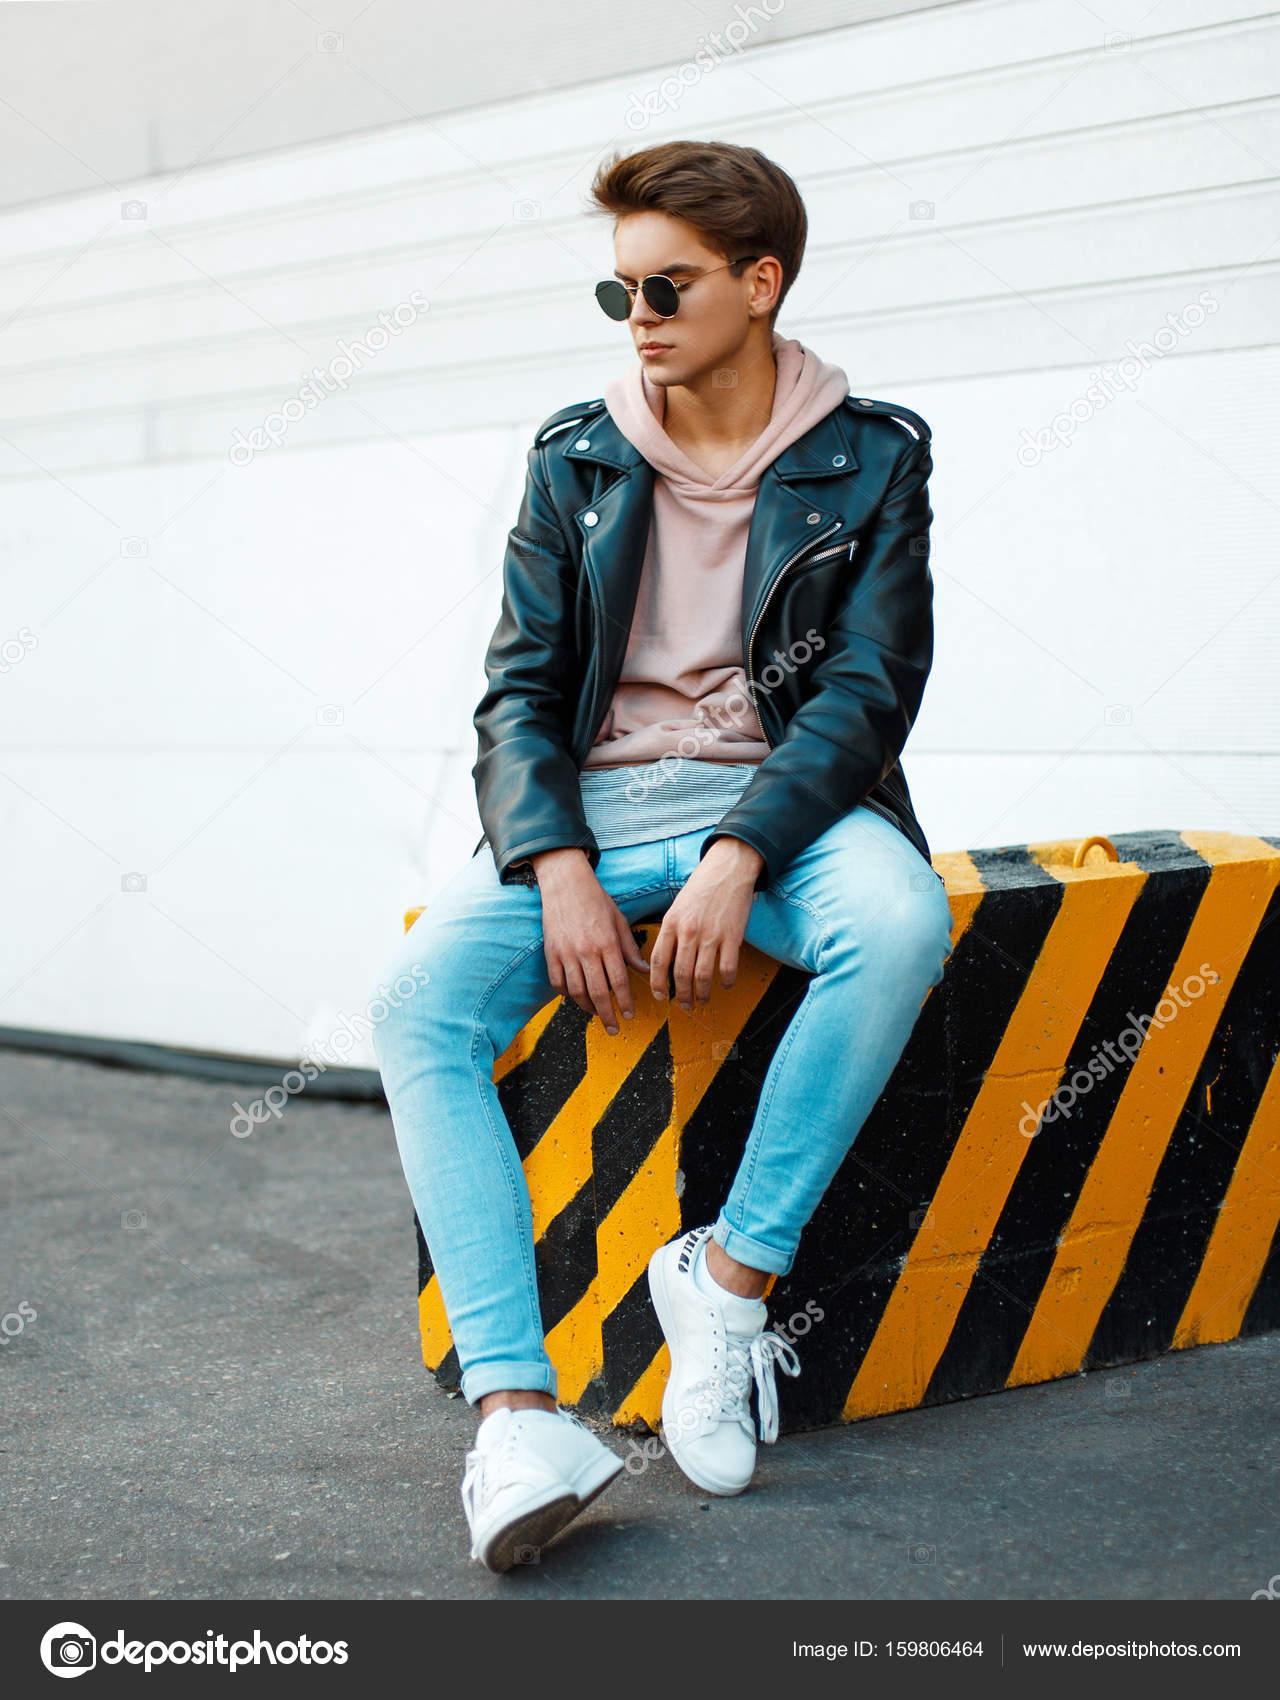 b27239b46aff9 Schöner junger Mann mit Sonnenbrille in eine stilvolle schwarze ...